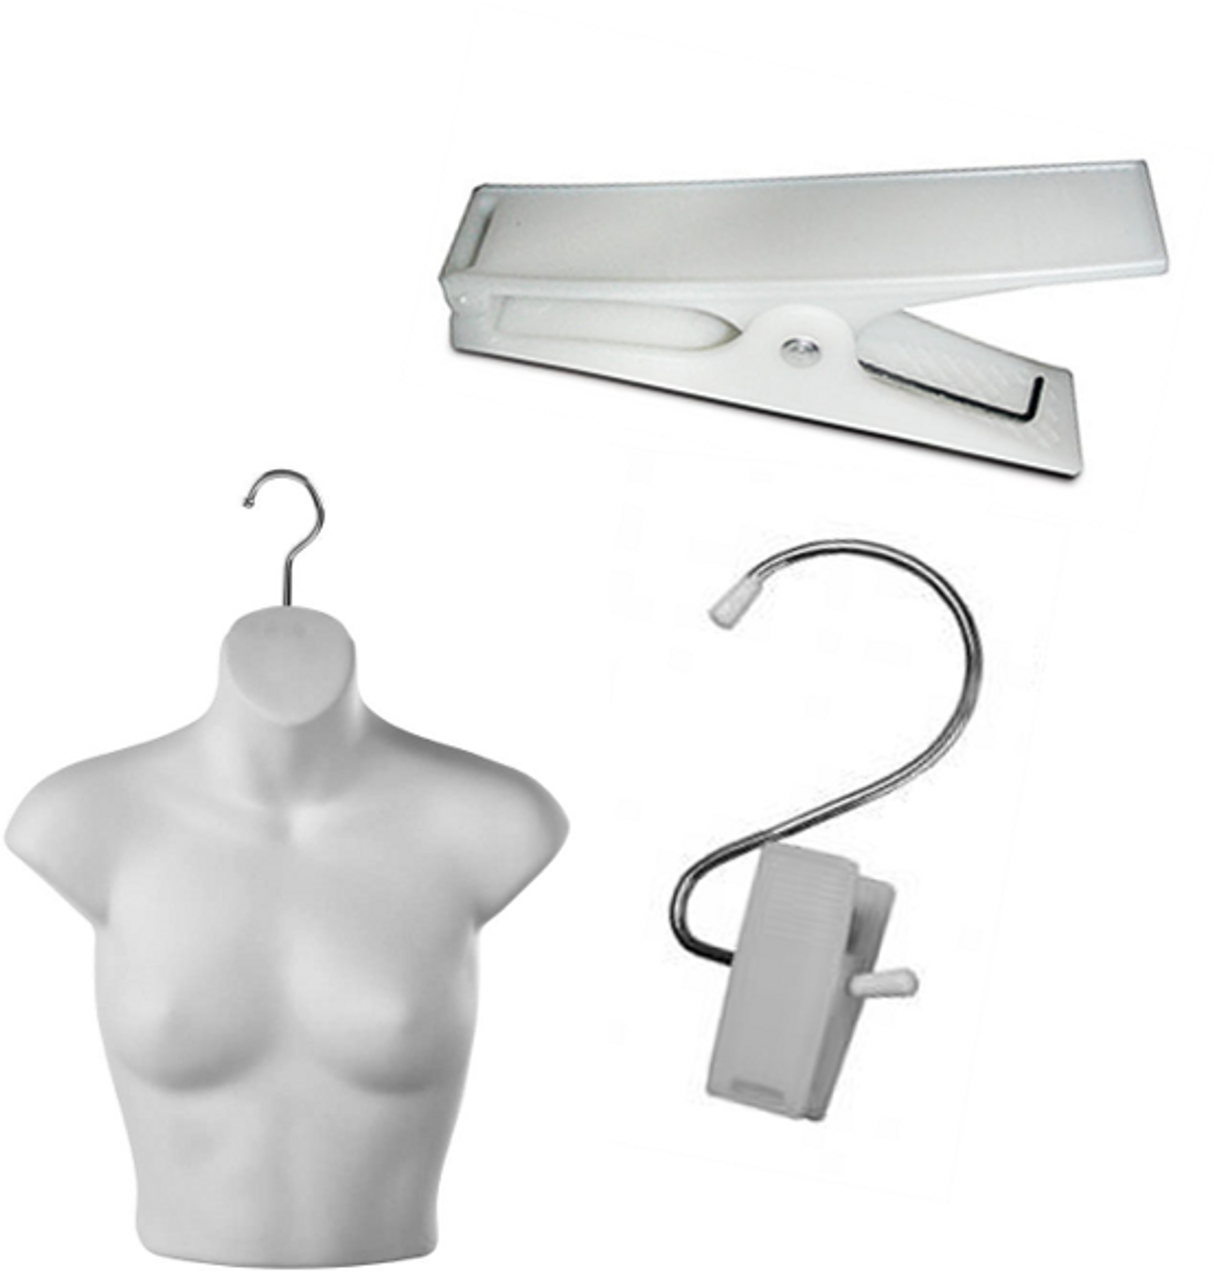 Display Hangers